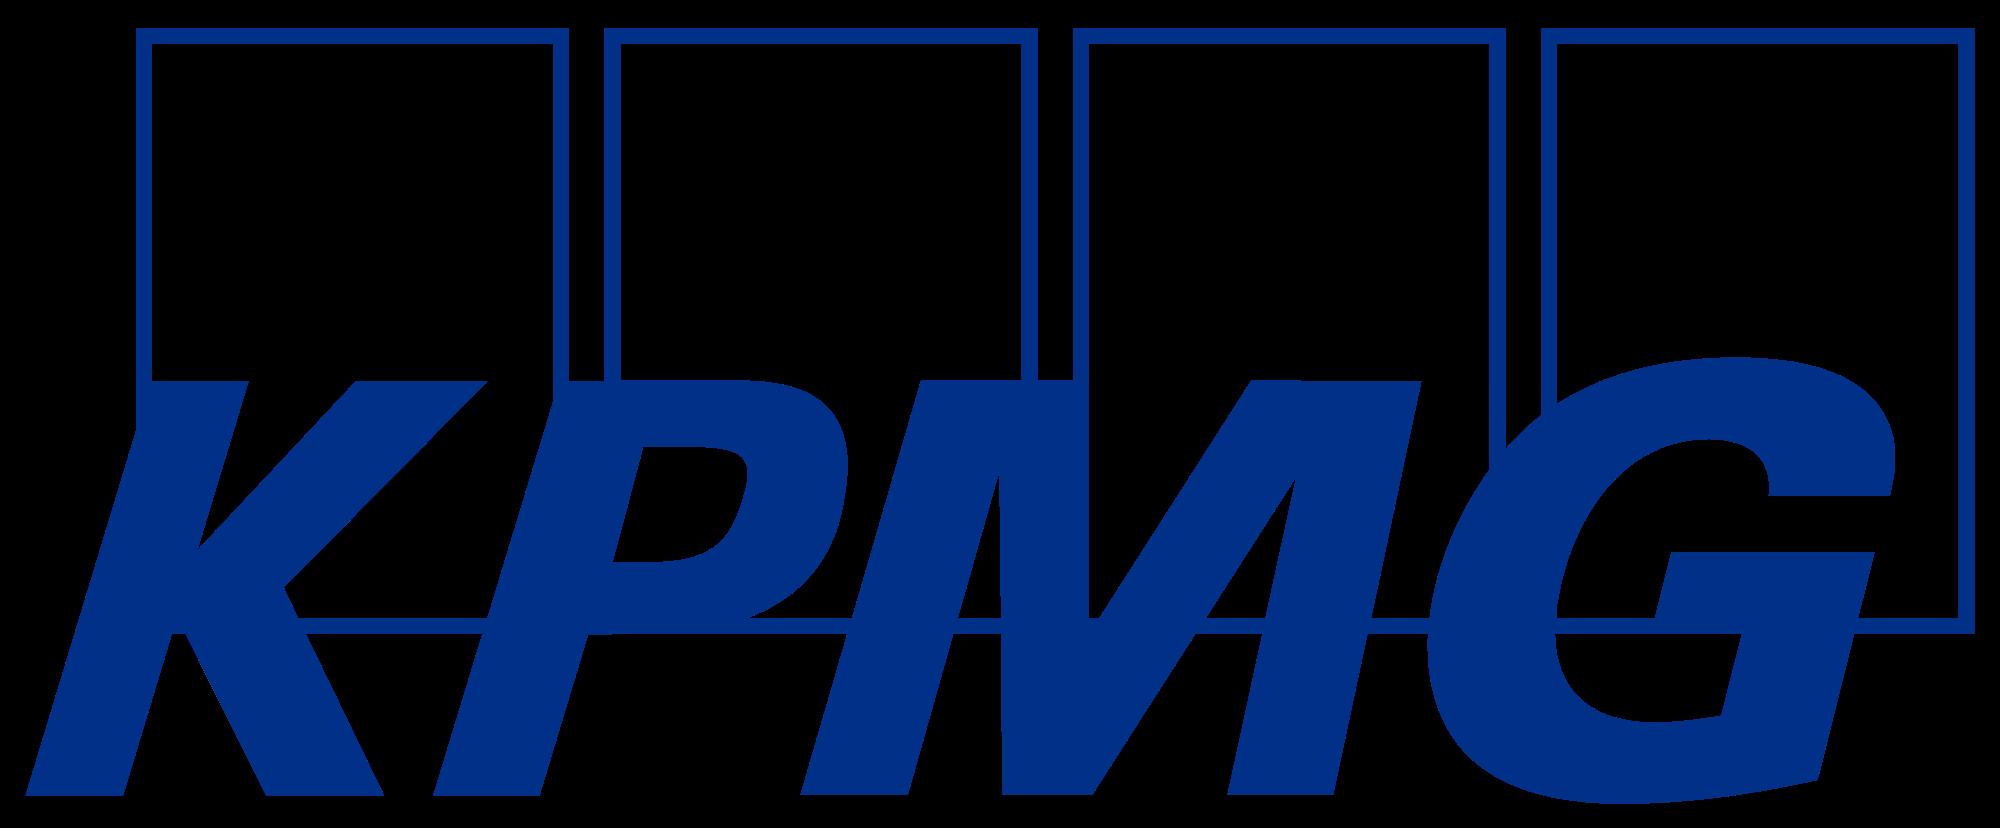 KPMG AG  WirtschaftsprüfungsgesellschaftLogo Image